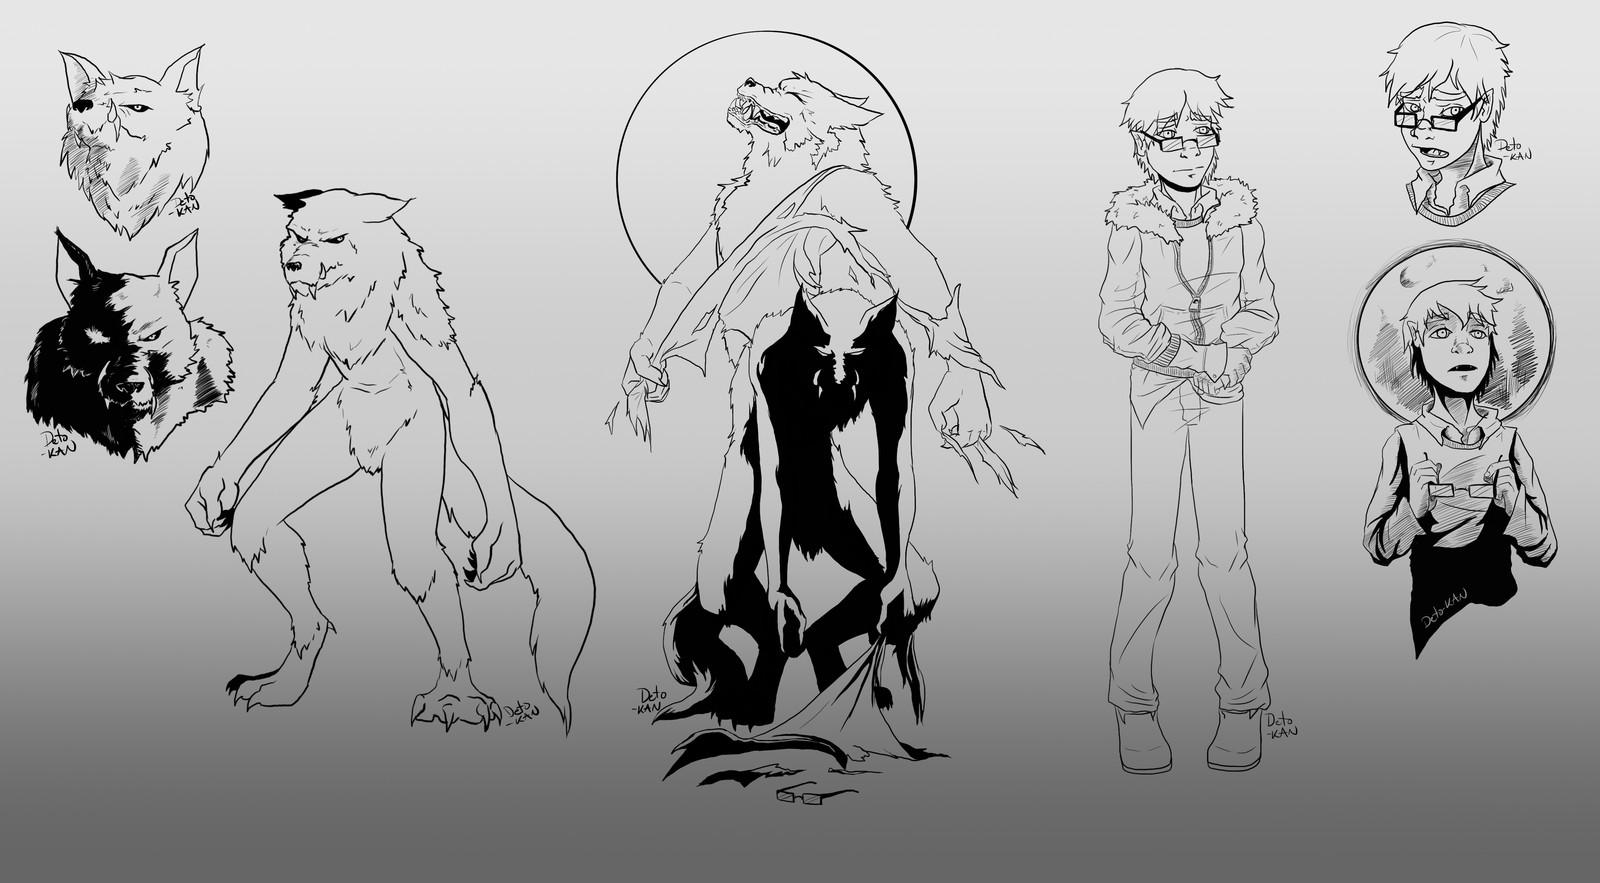 Werewolf Best Friend Challenge - Sketch